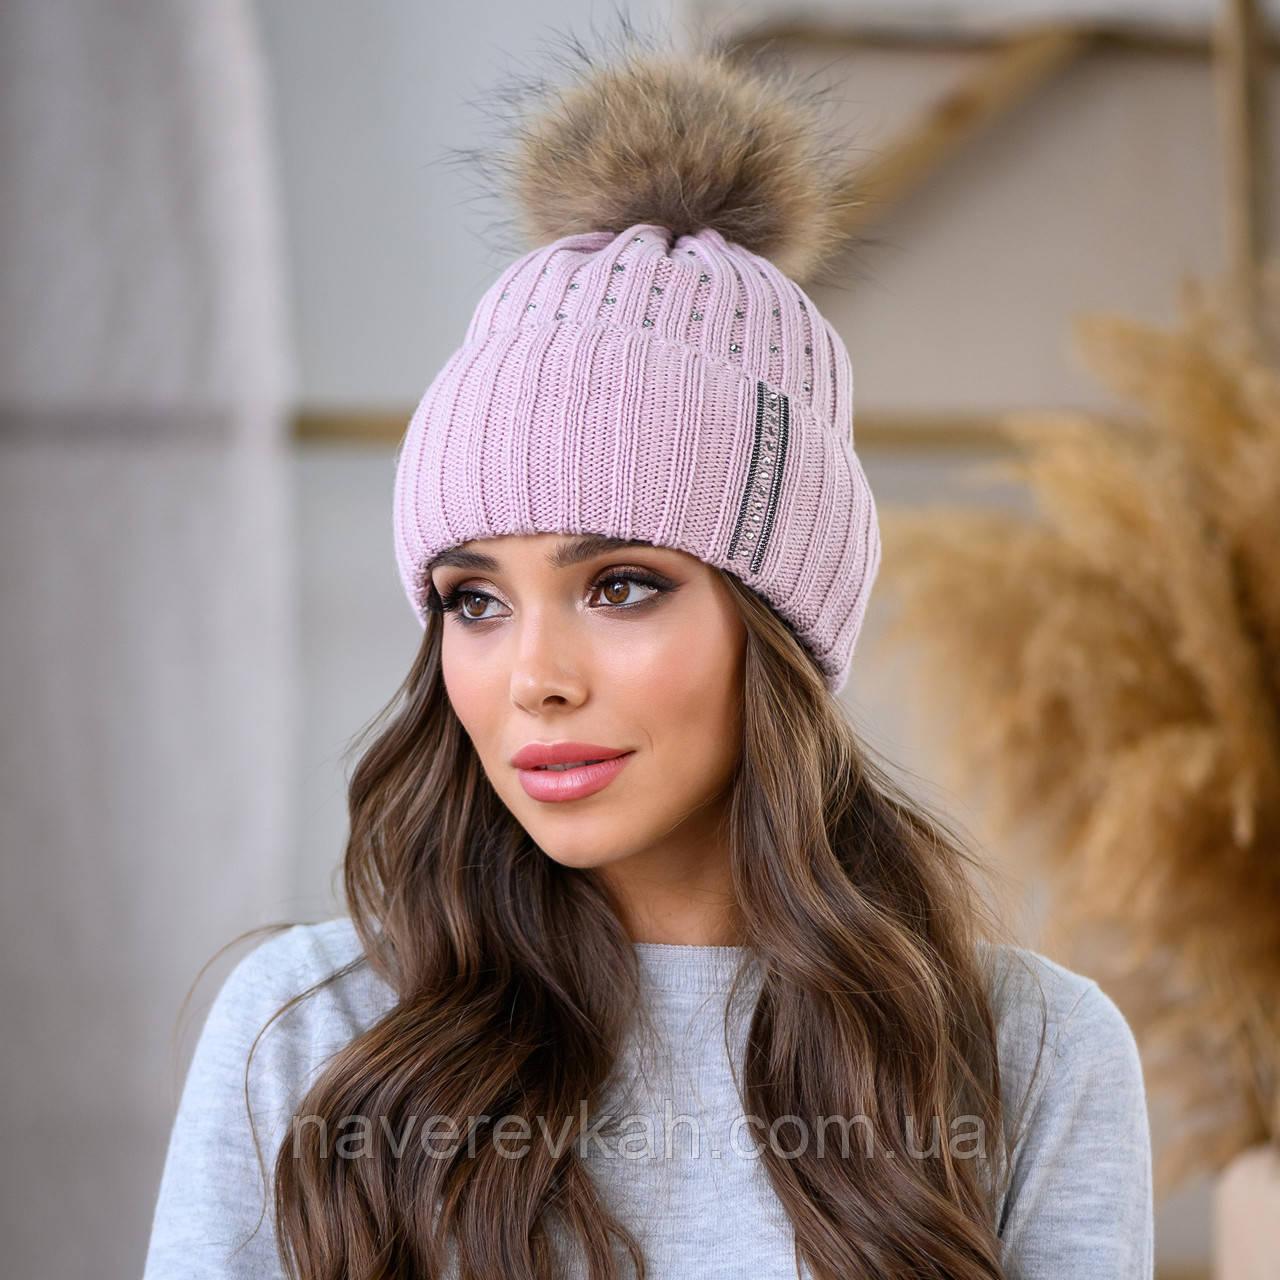 Женская зимняя теплая шапка с помпоном пряжа